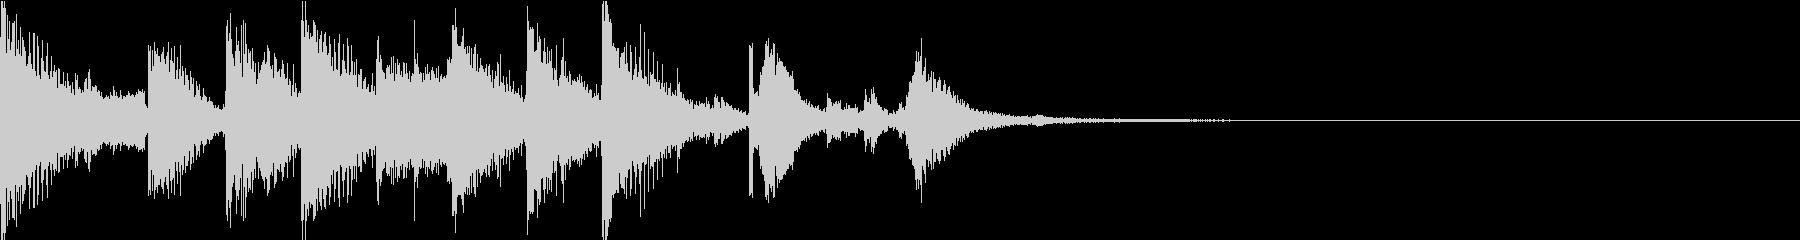 コミカルオーケストラ/サウンドロゴの未再生の波形